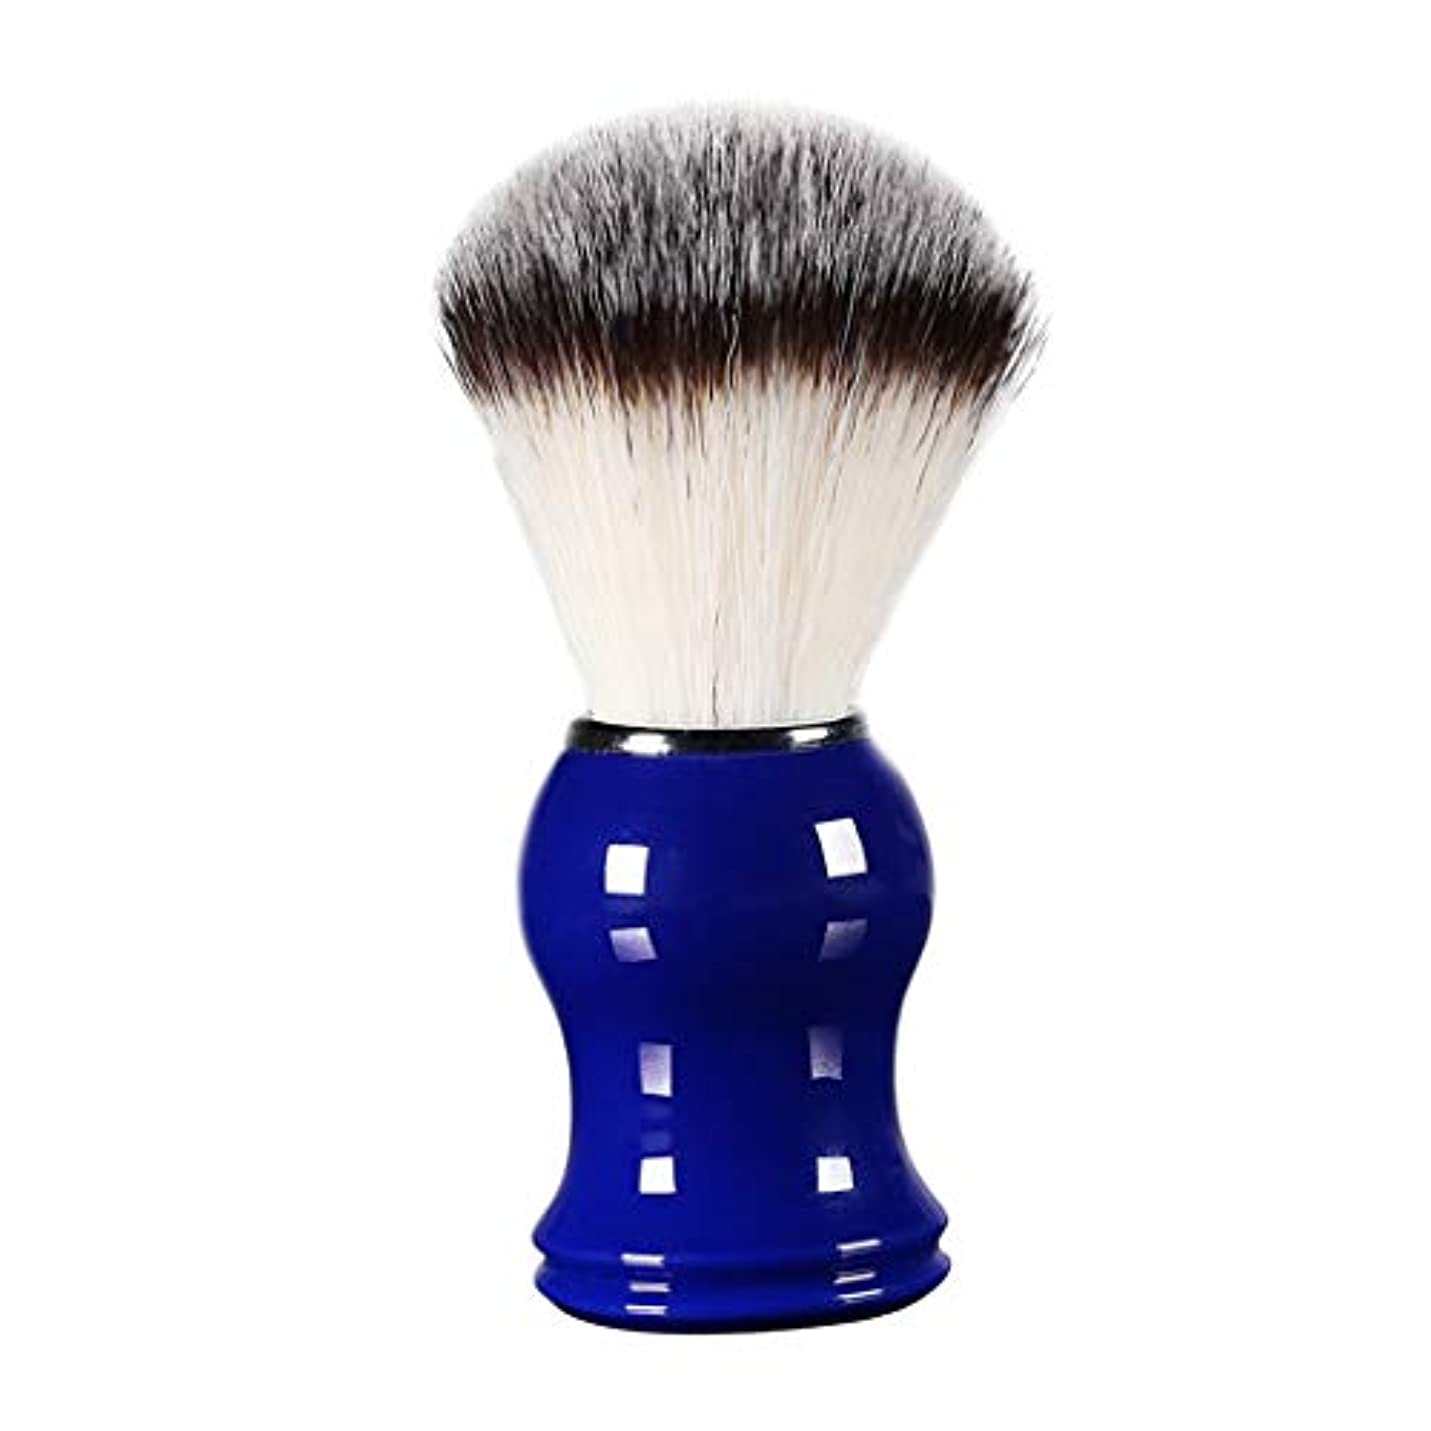 瞬時にウェブ脚本家FLAMEER 床屋 サロン 髭剃り シェービングブラシ メンズ 泡立ち 洗顔 理容 約11cm